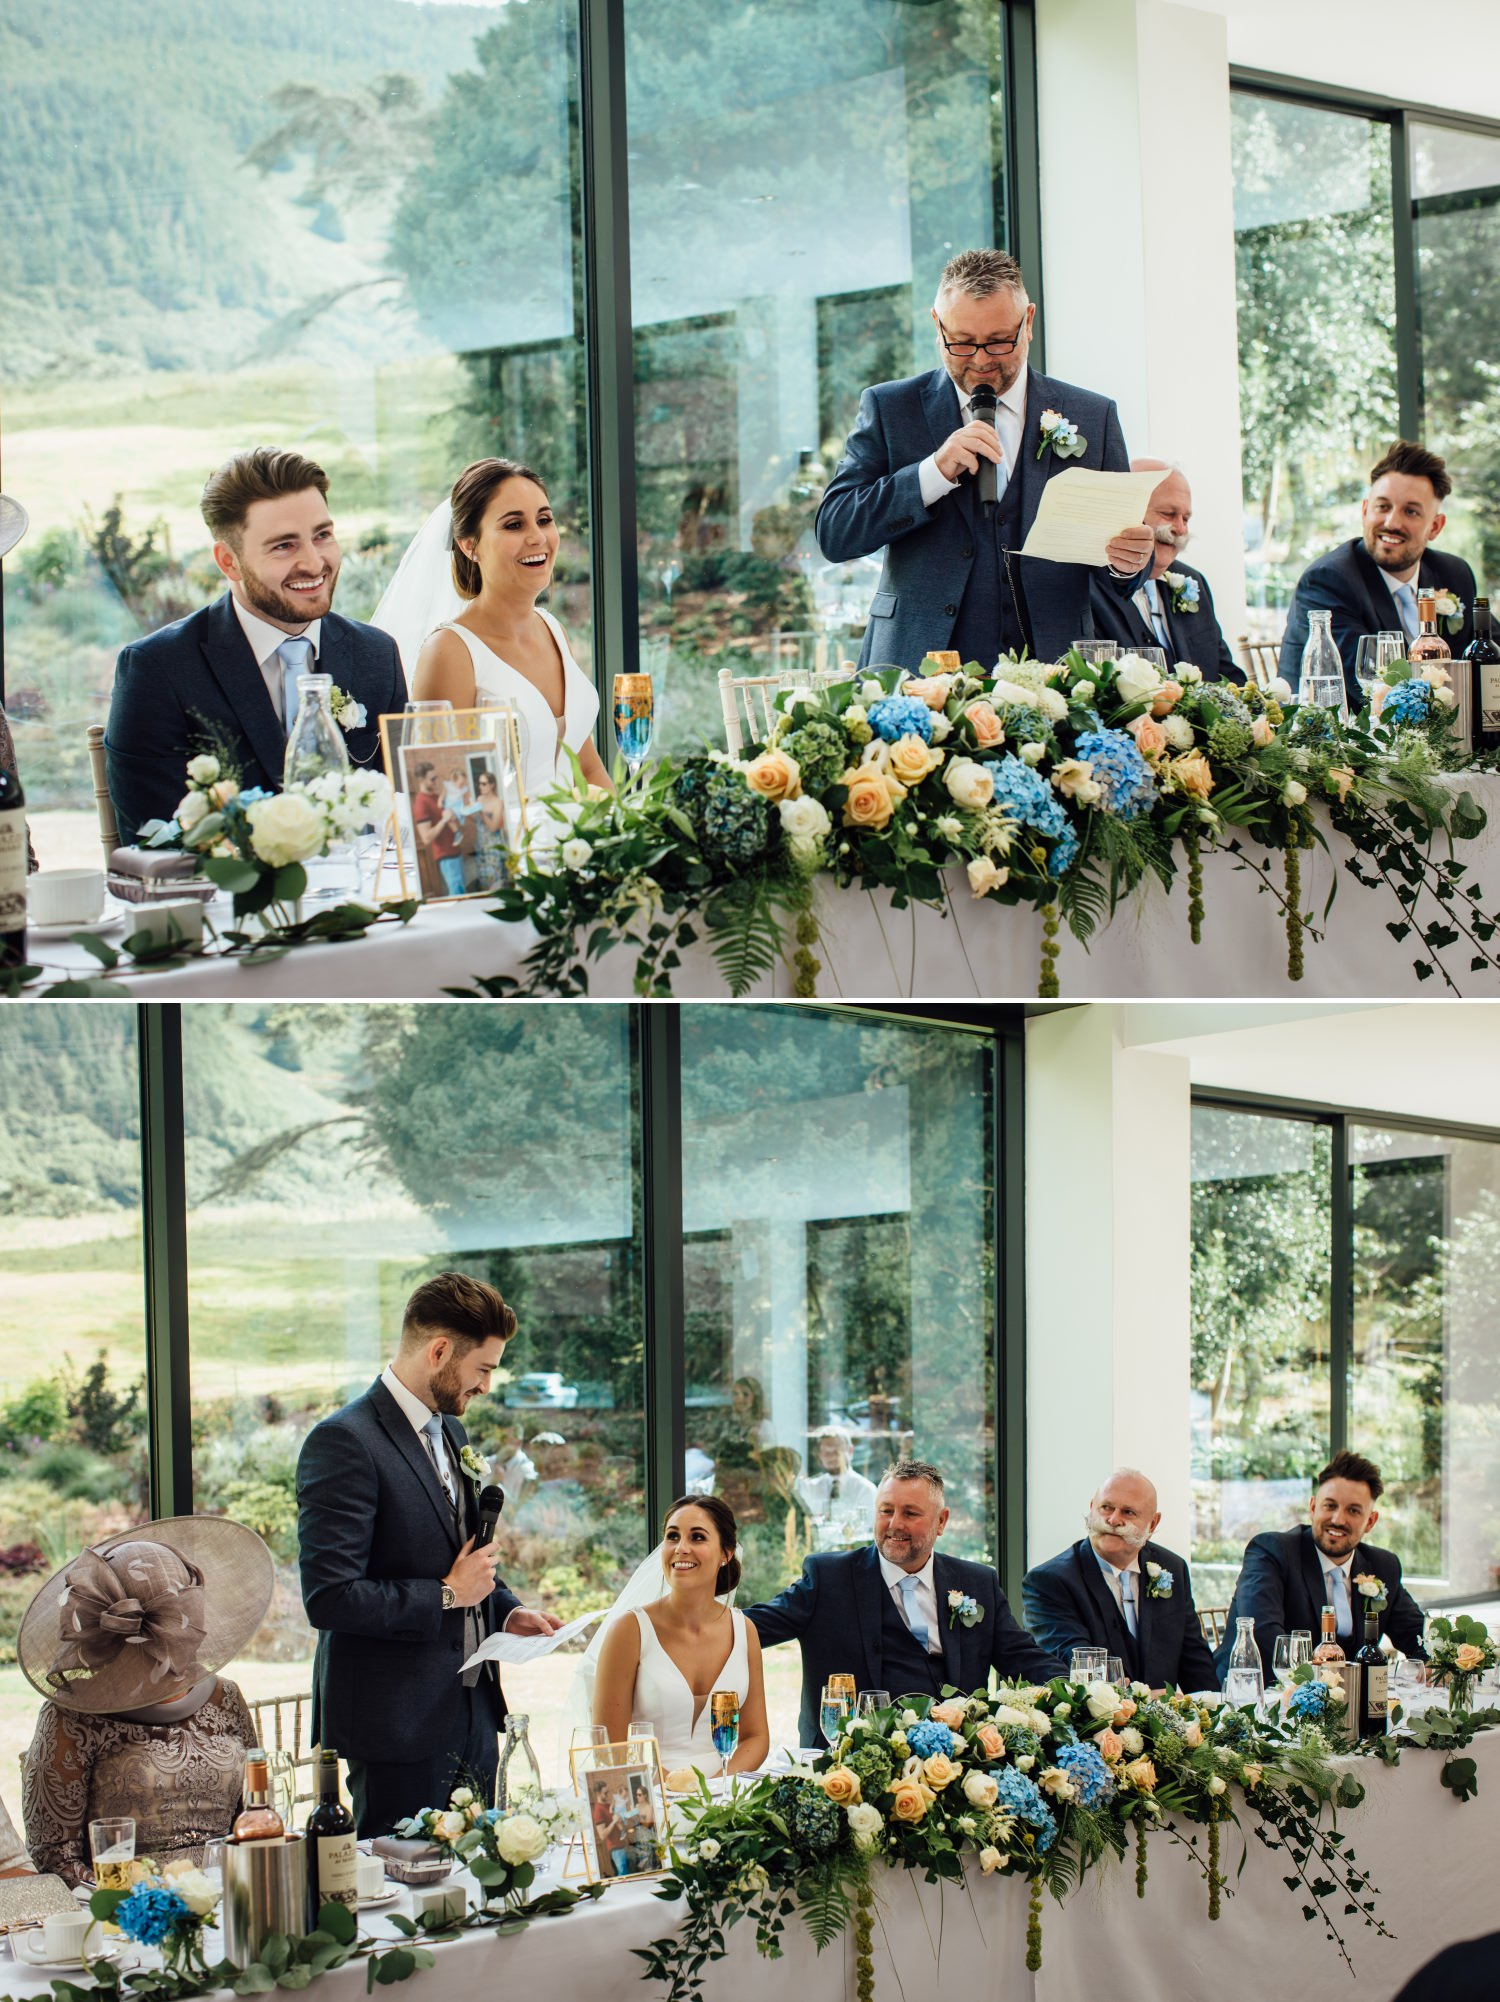 wedding Speeches at Tyn Dwr Hall